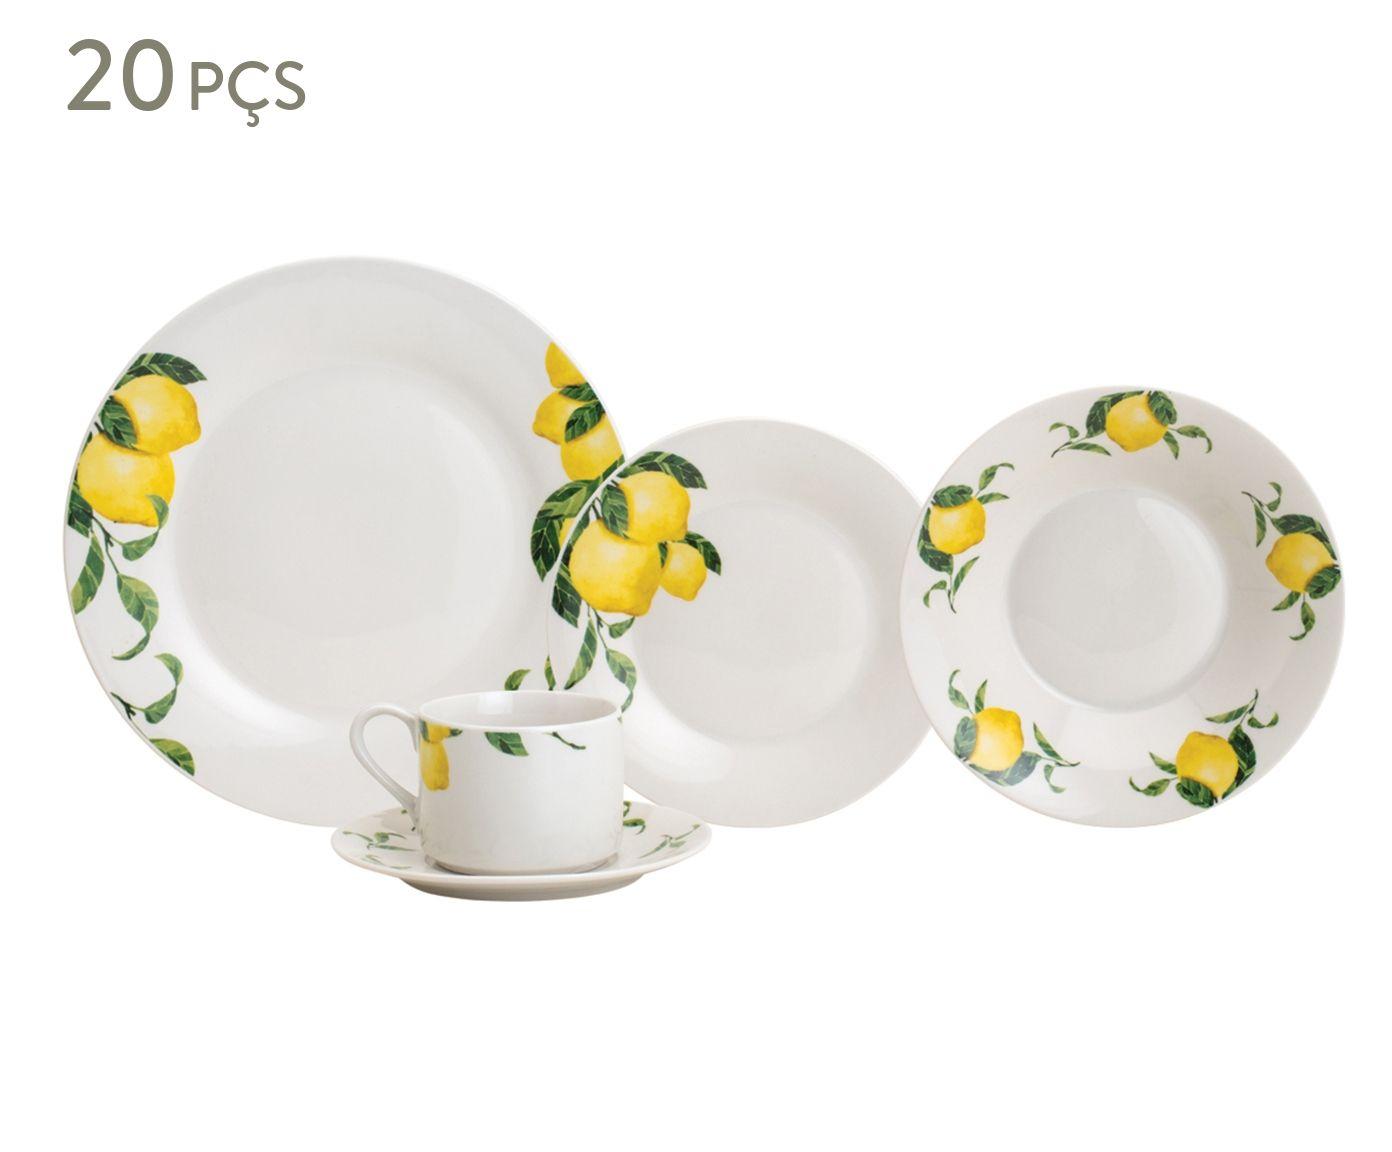 Jogo de Jantar em Porcelana Sicilian Lemon - 04 Pessoas | Westwing.com.br